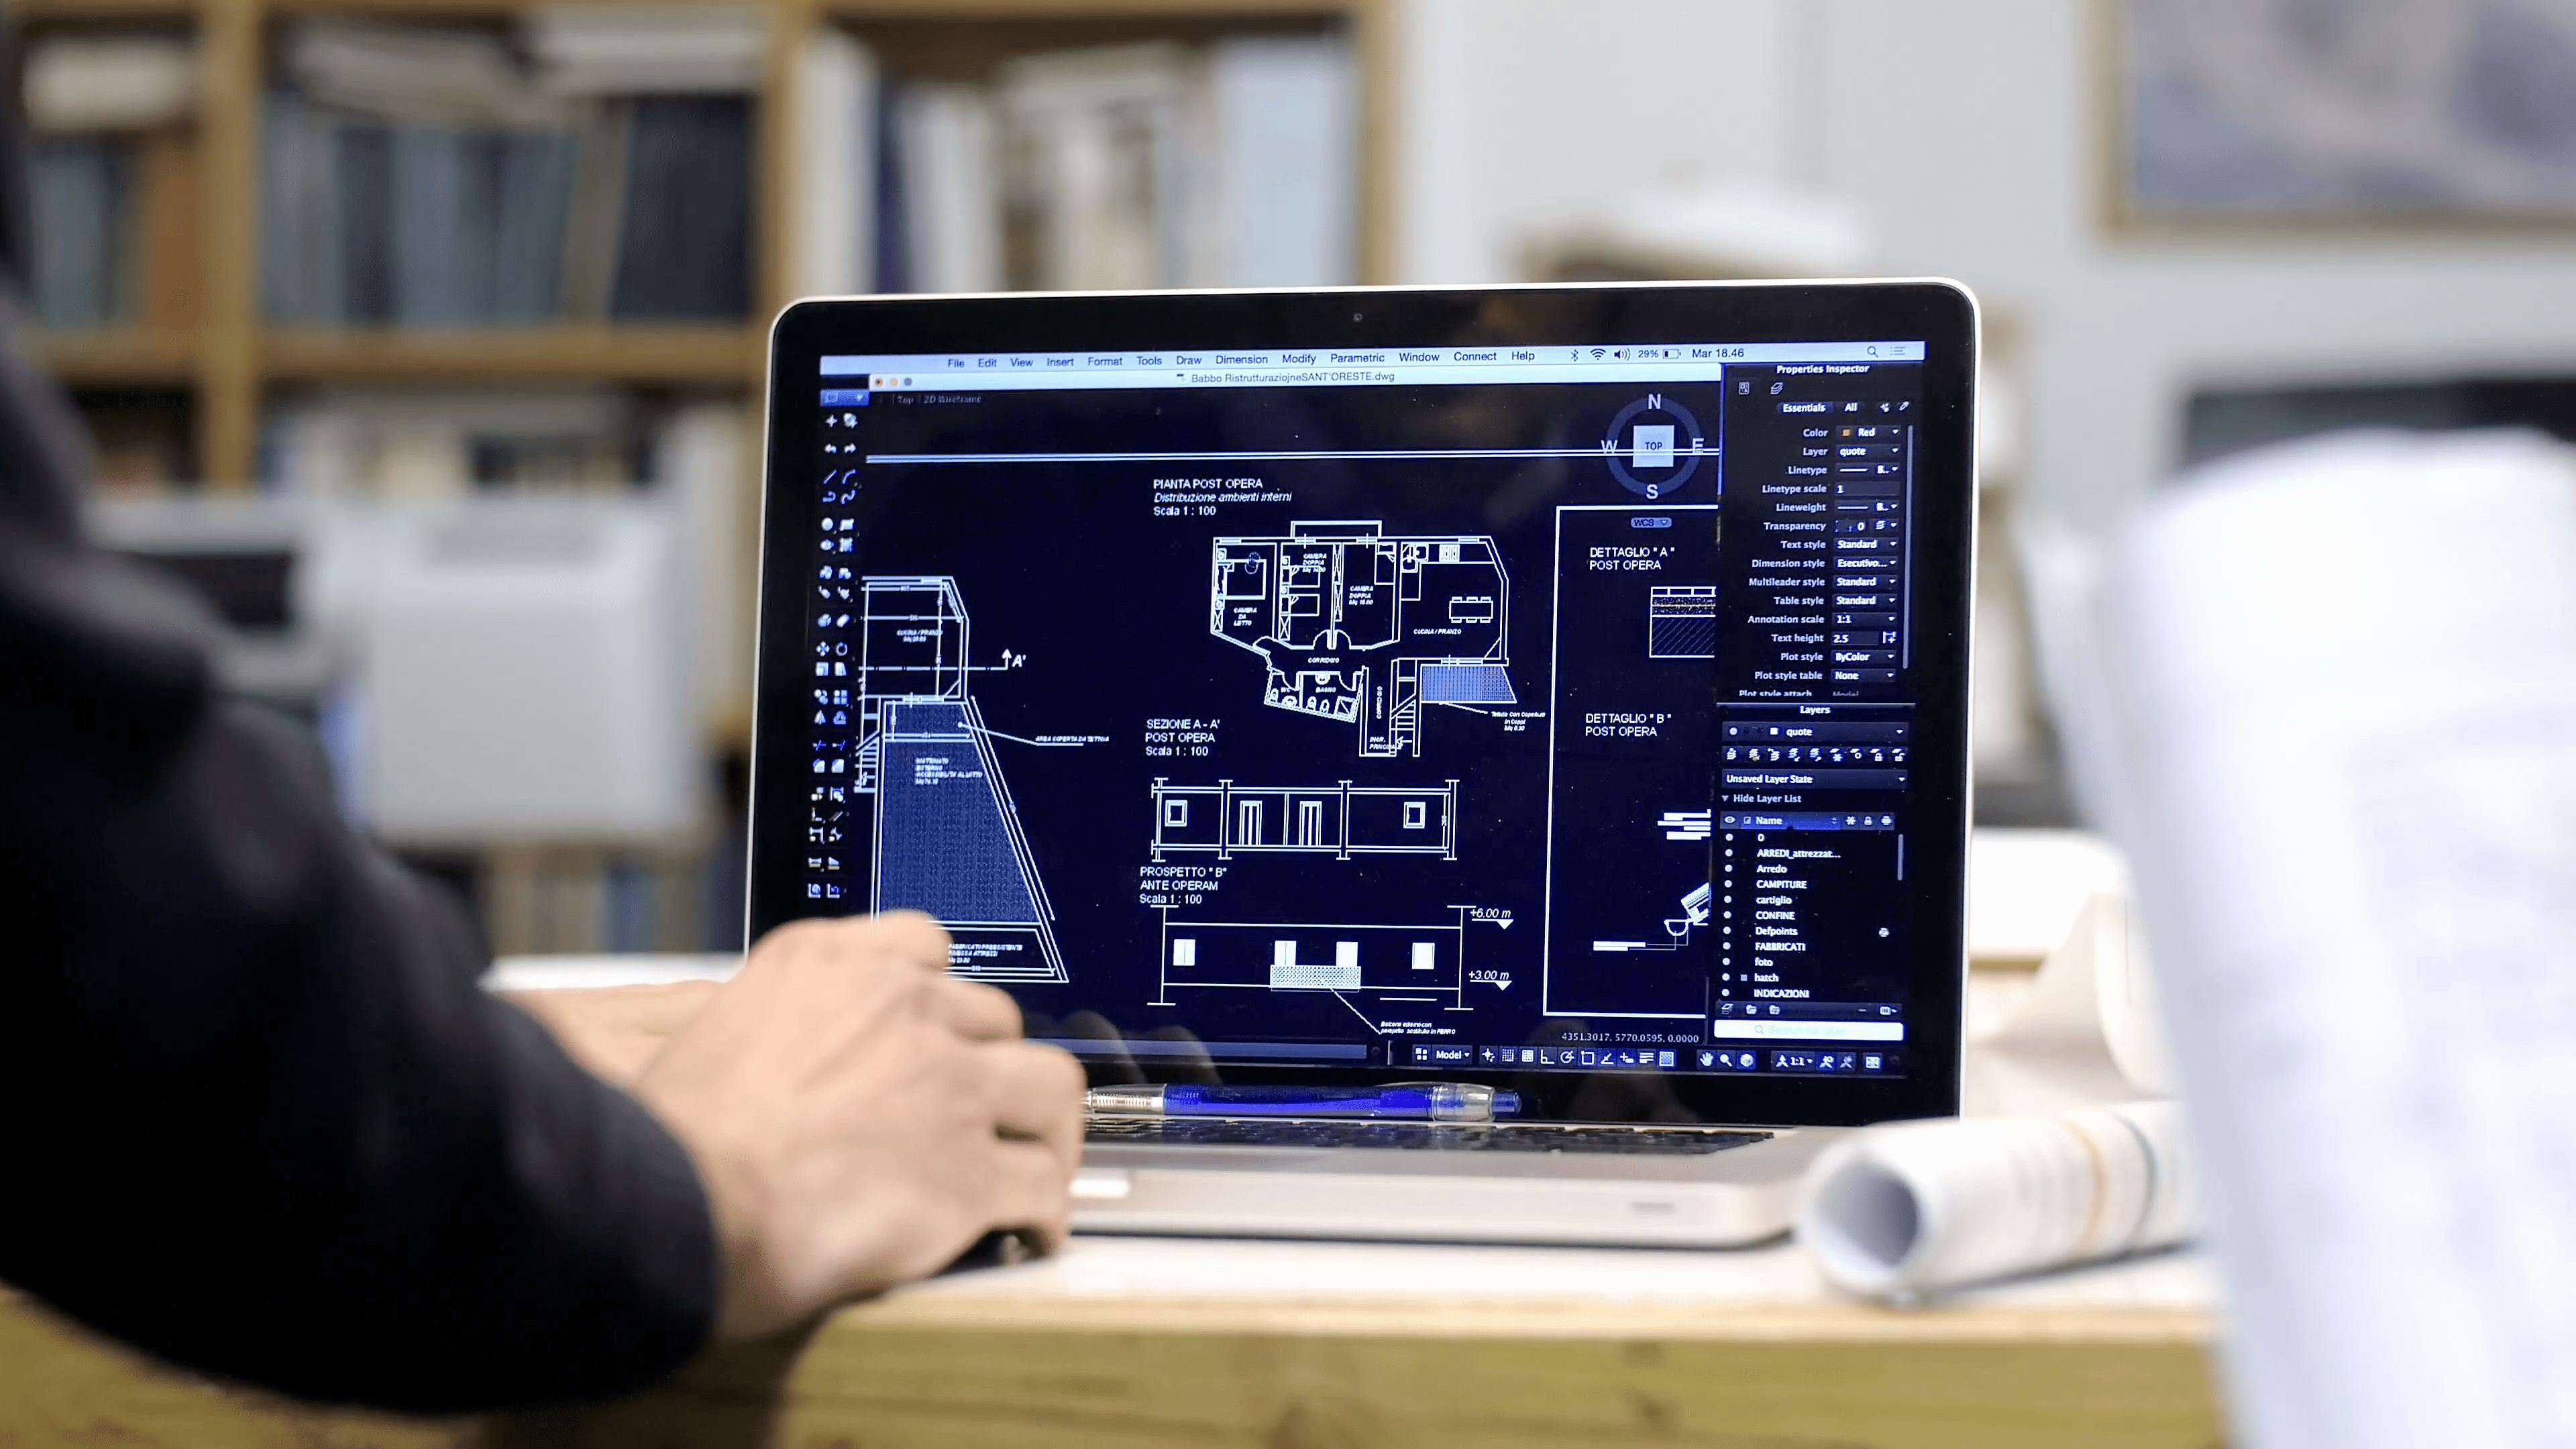 Проектирование осуществляется в специальных программах. Их знание является одним из обязательных требований к инженерам-проектировщикам.